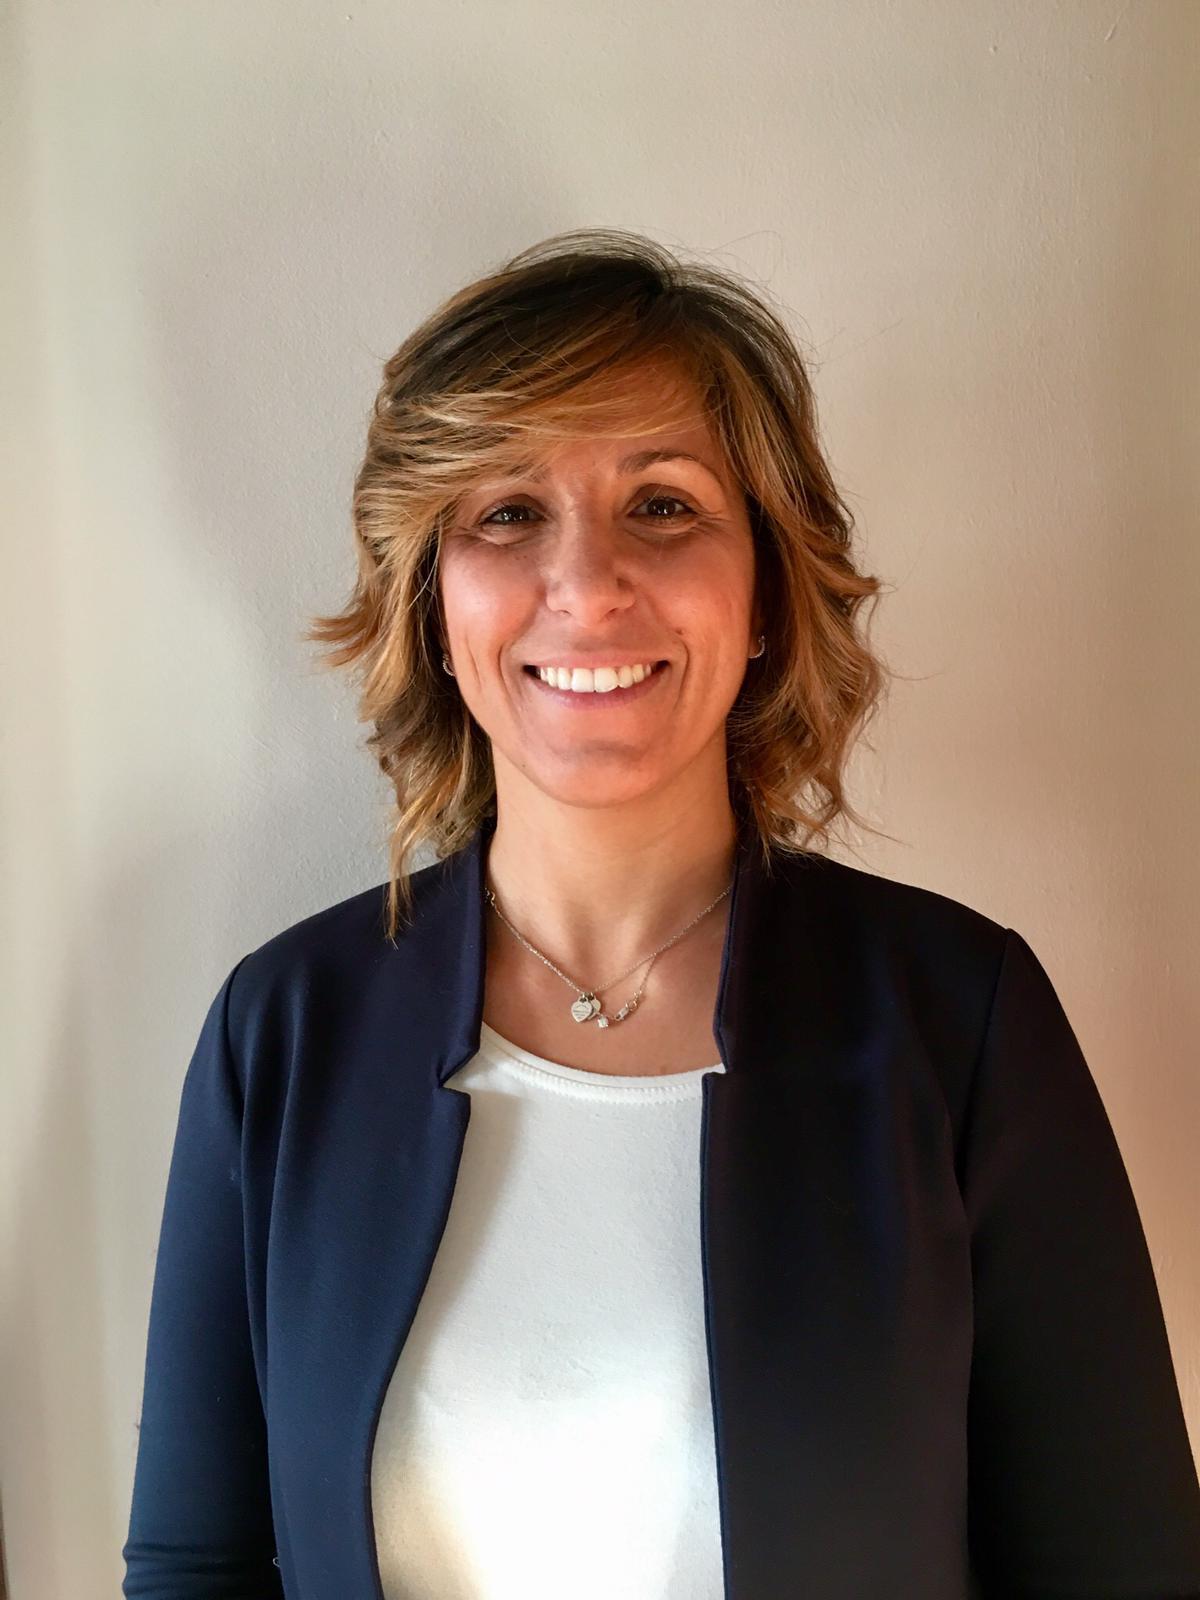 Sara Carnelli | Psicologa, Psicoterapeuta, Psicologa dello sport